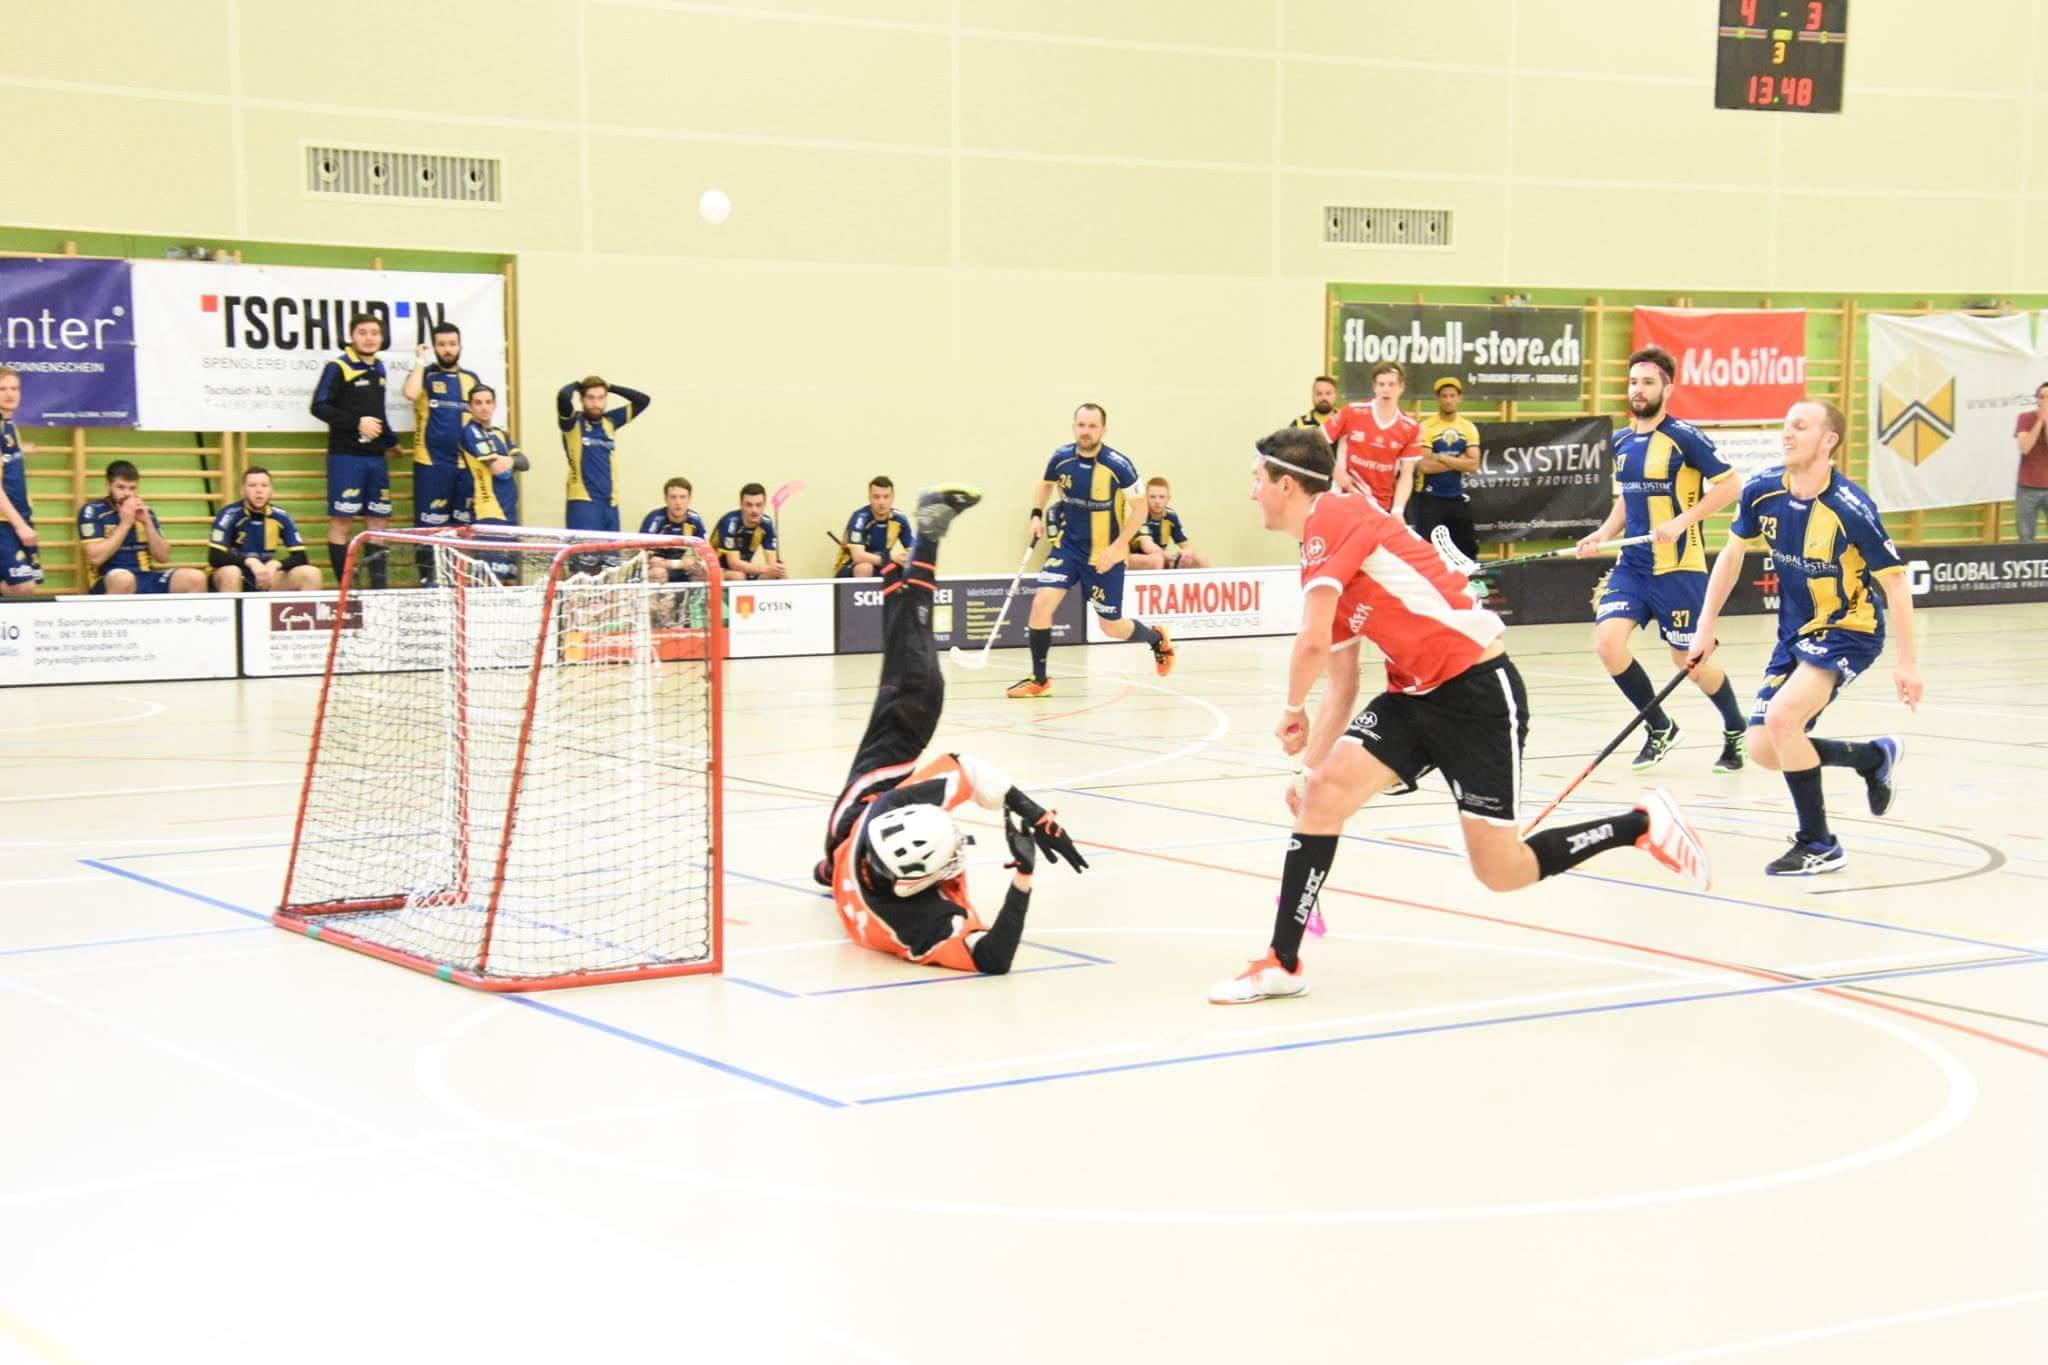 Floorball goalie David denied the goal of the striker